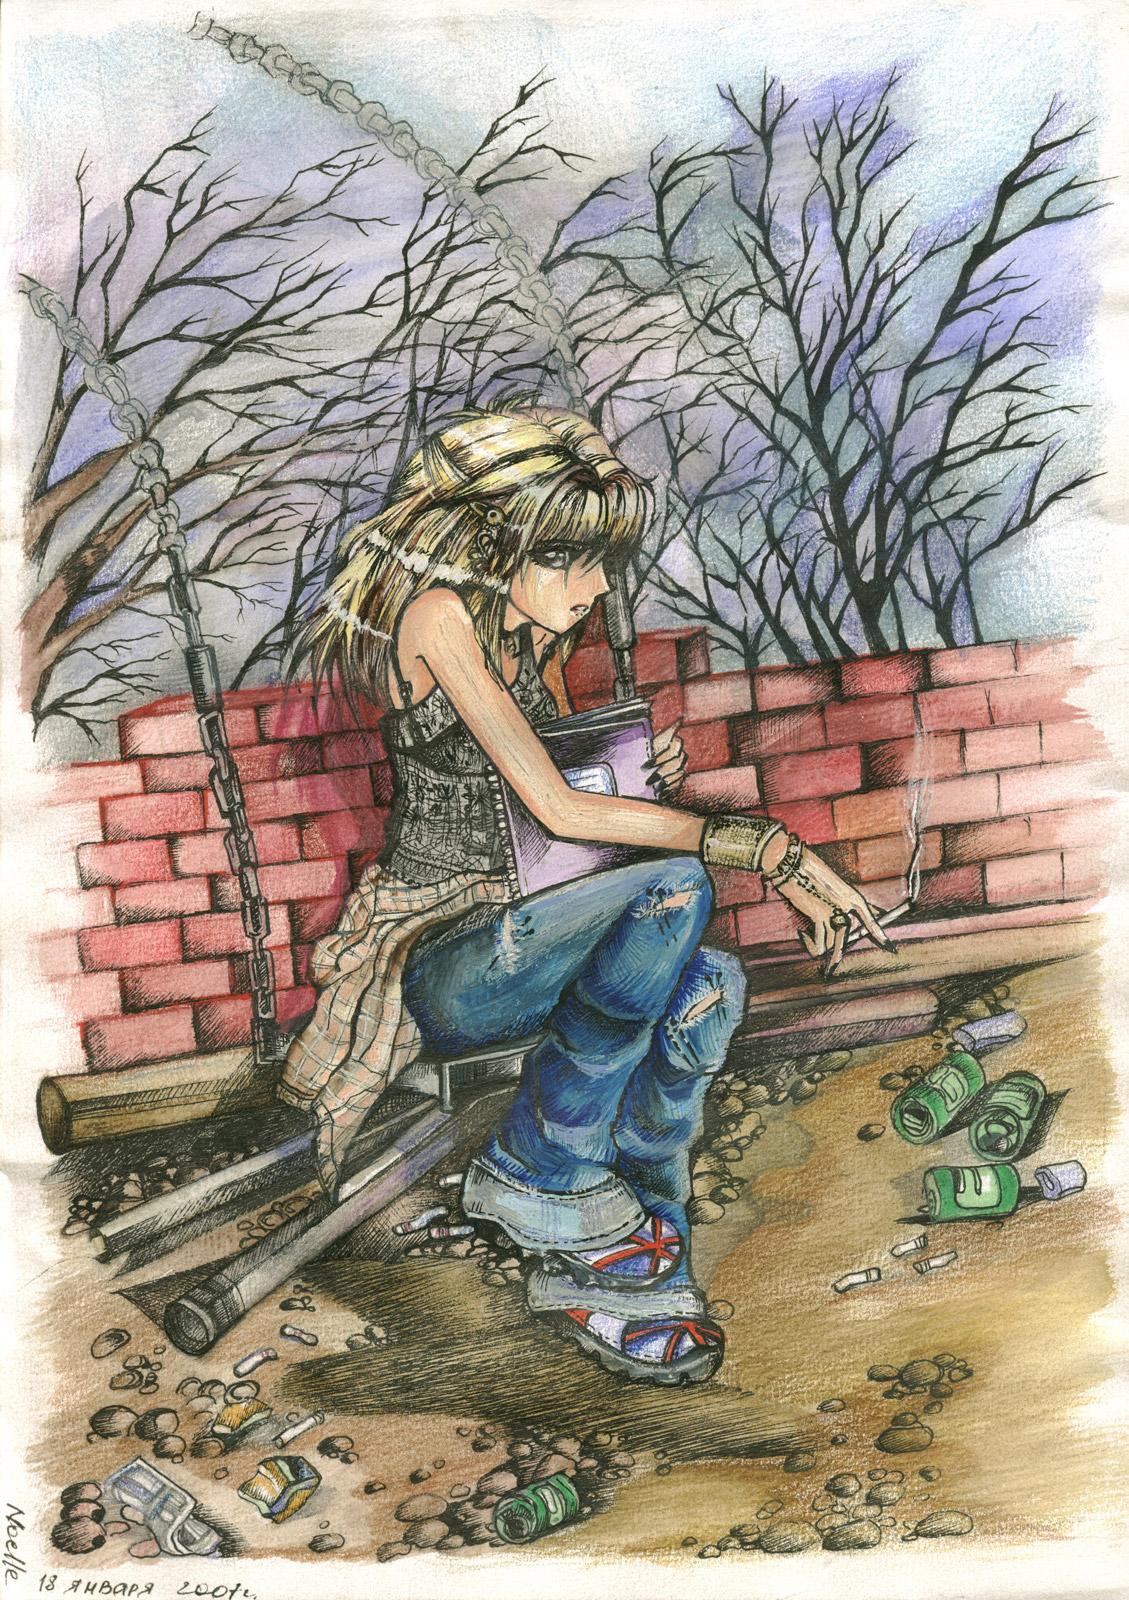 http://art.anime.kharkov.ua/Noelle/Noelle_4.jpg